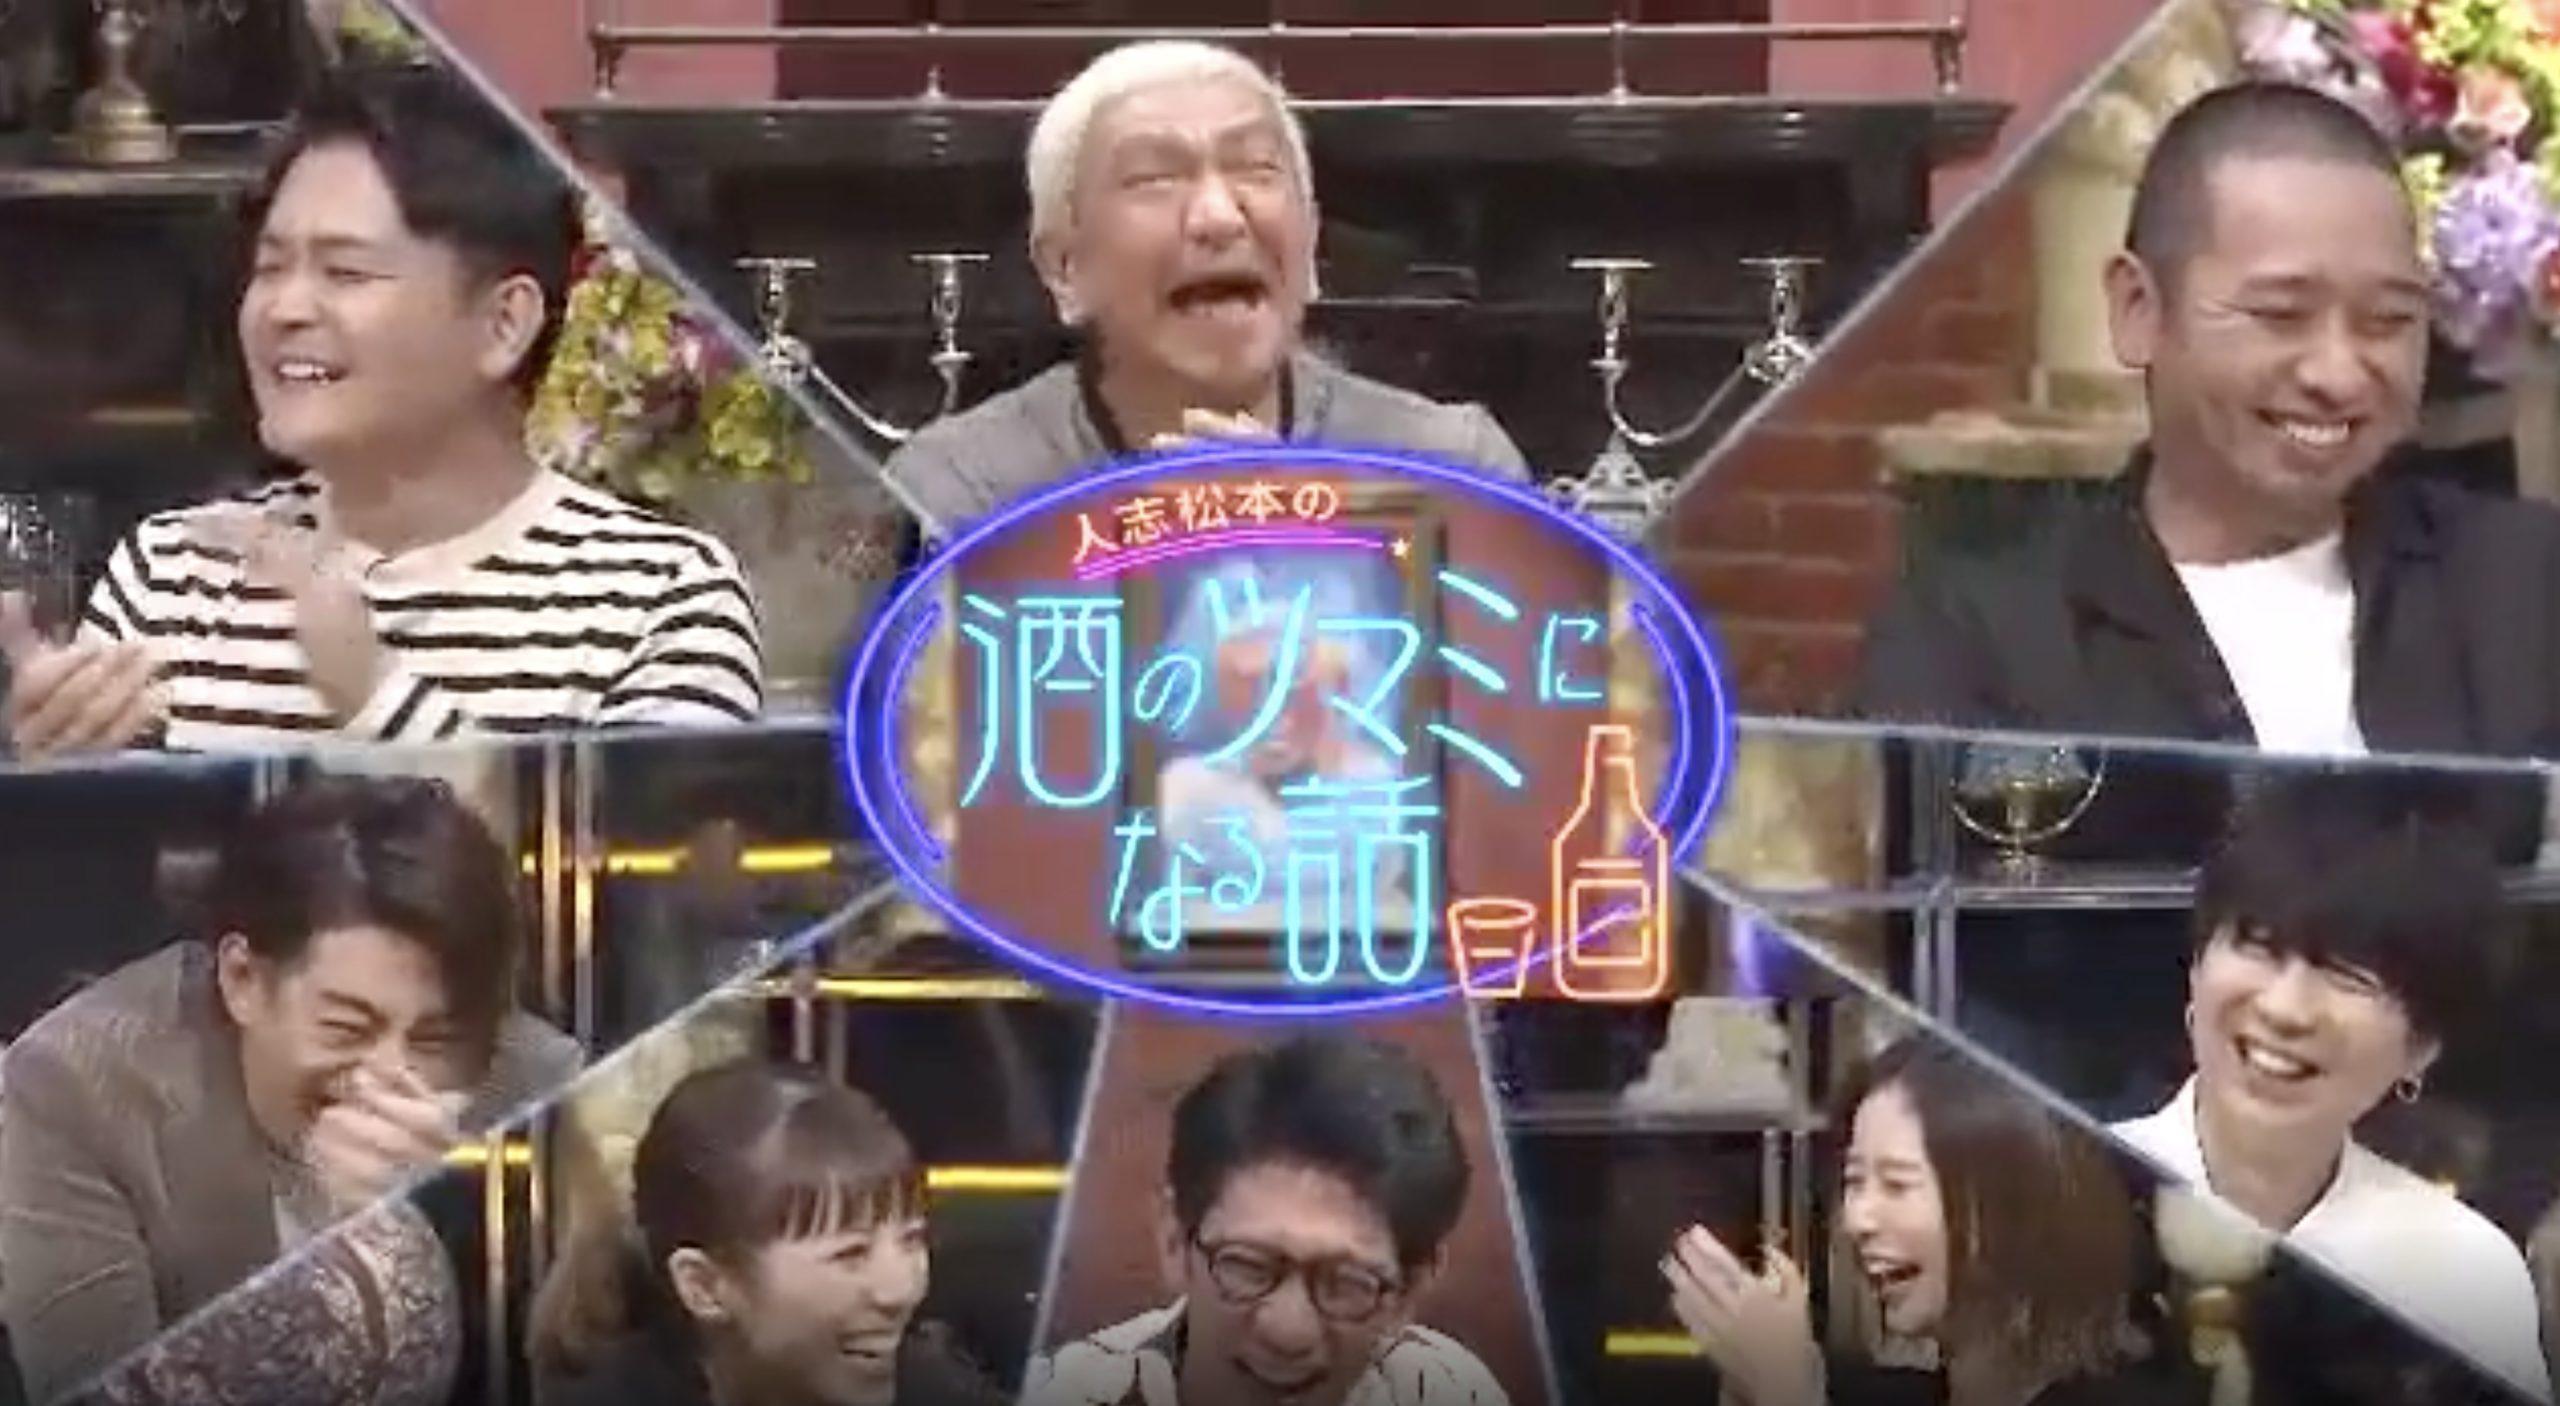 酒のツマミになる話(三浦翔平&川谷絵音)10月16日の無料動画や見逃し配信をフル視聴する方法!